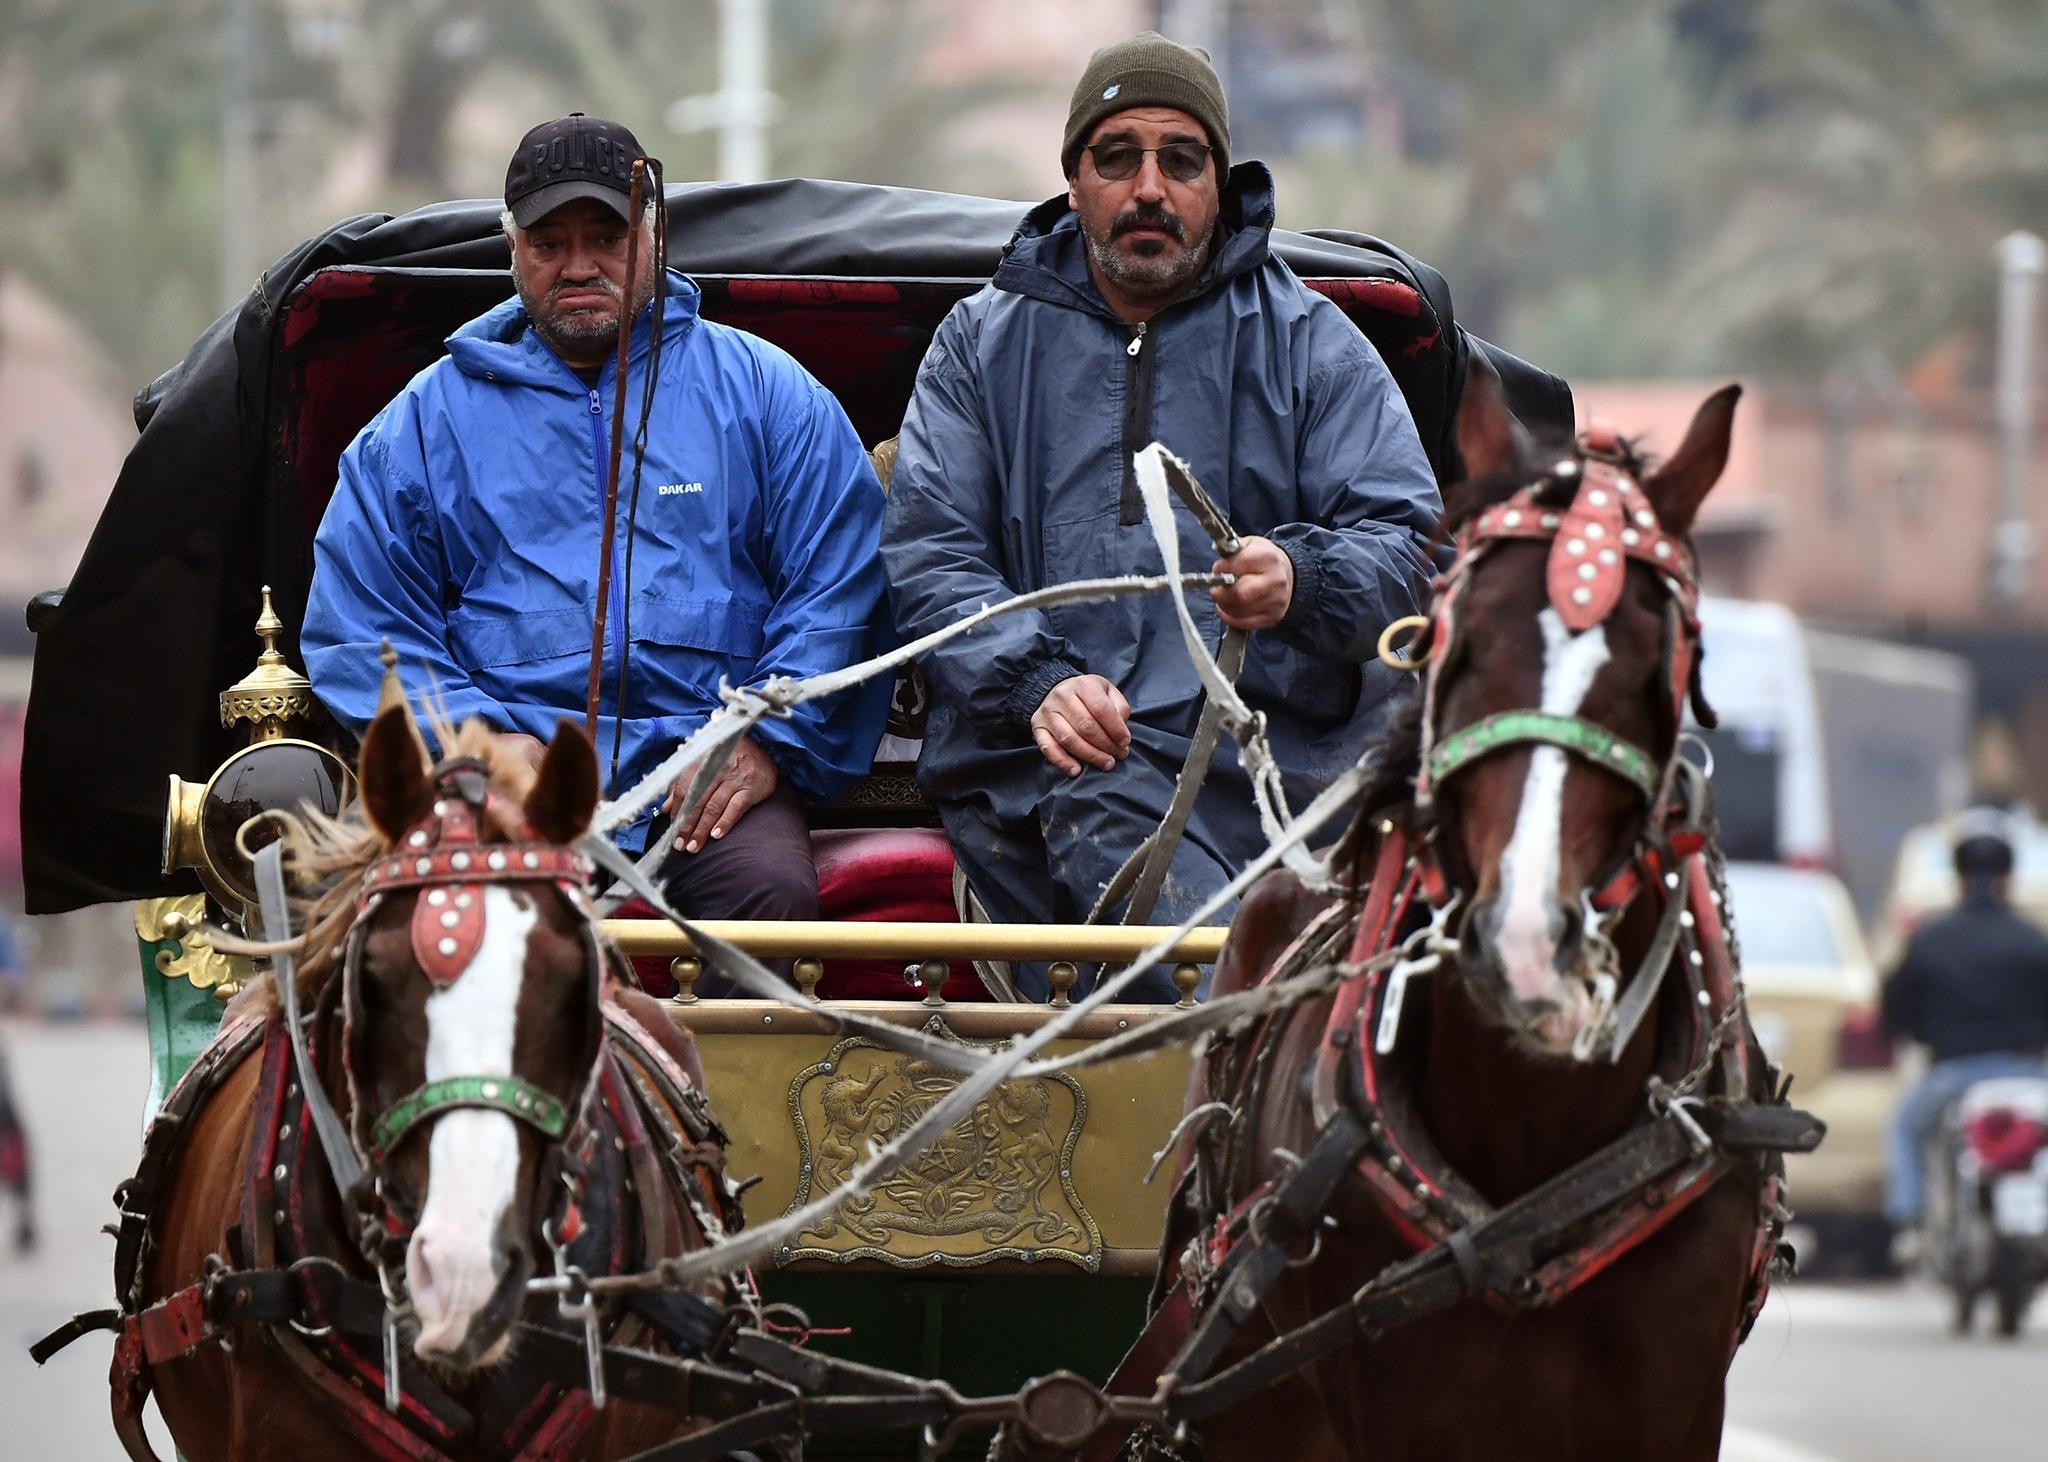 Mua dong o xu so lanh gia Morocco hinh anh 13